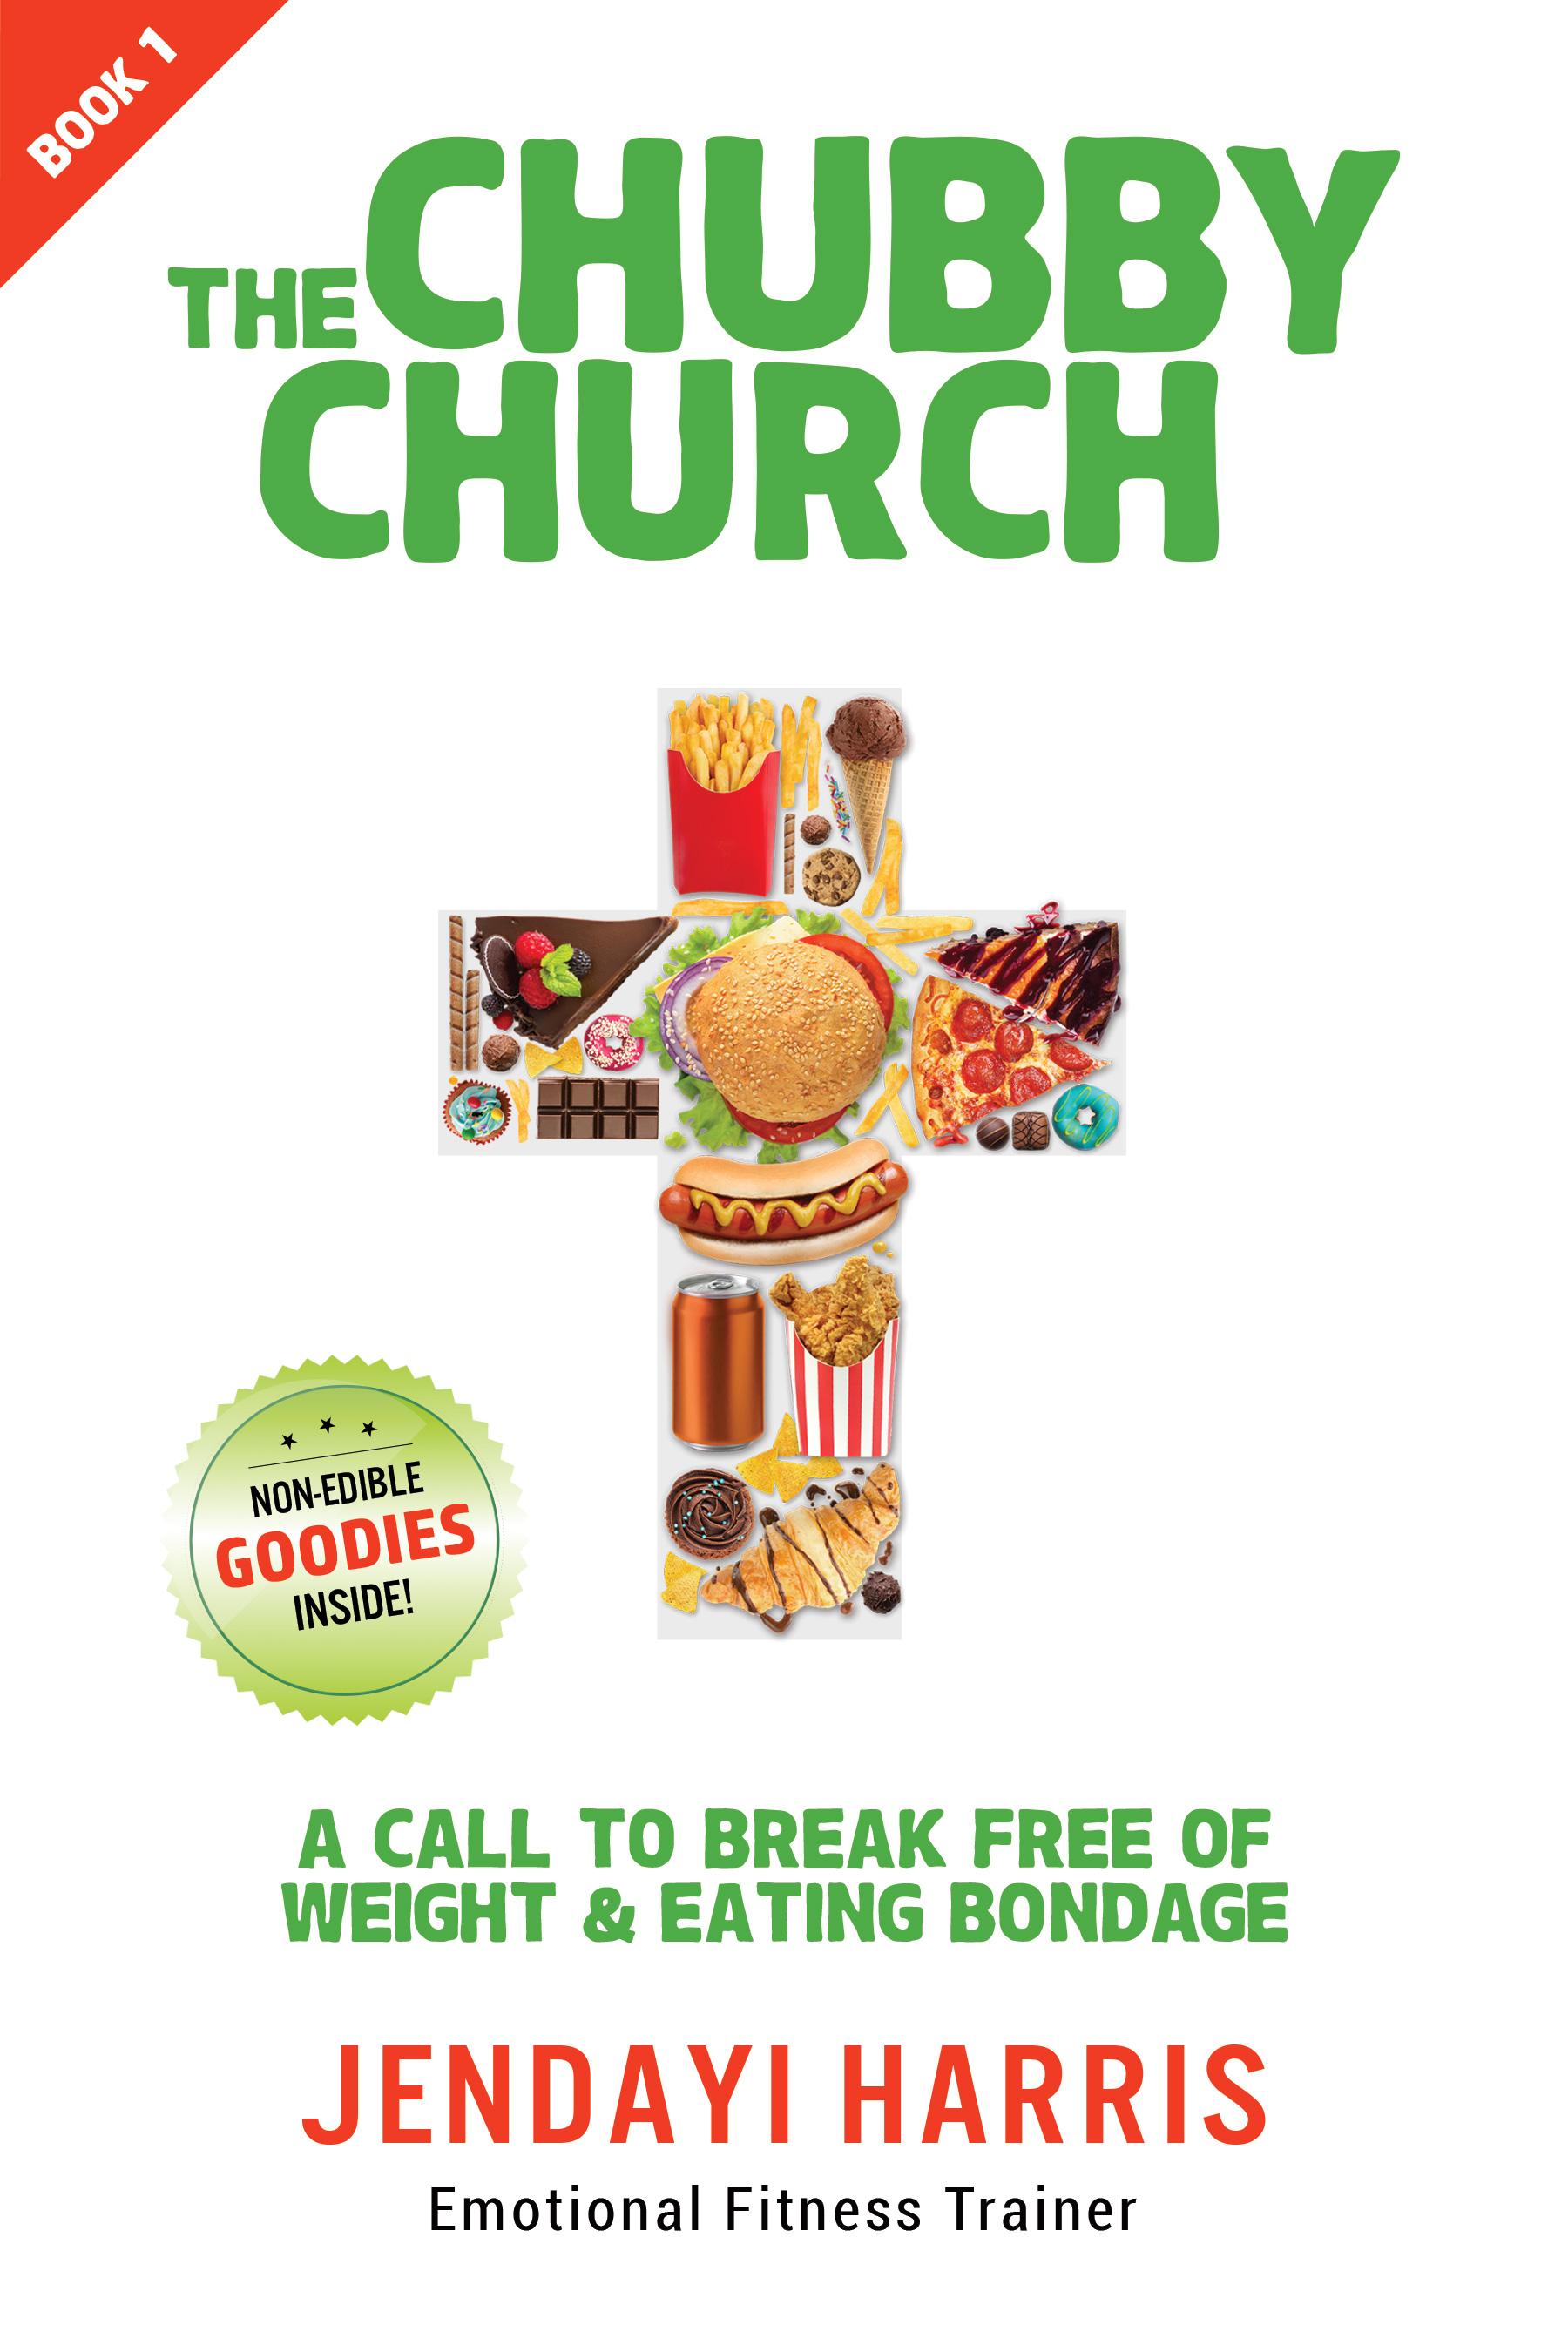 THE CHUBBY CHURCH